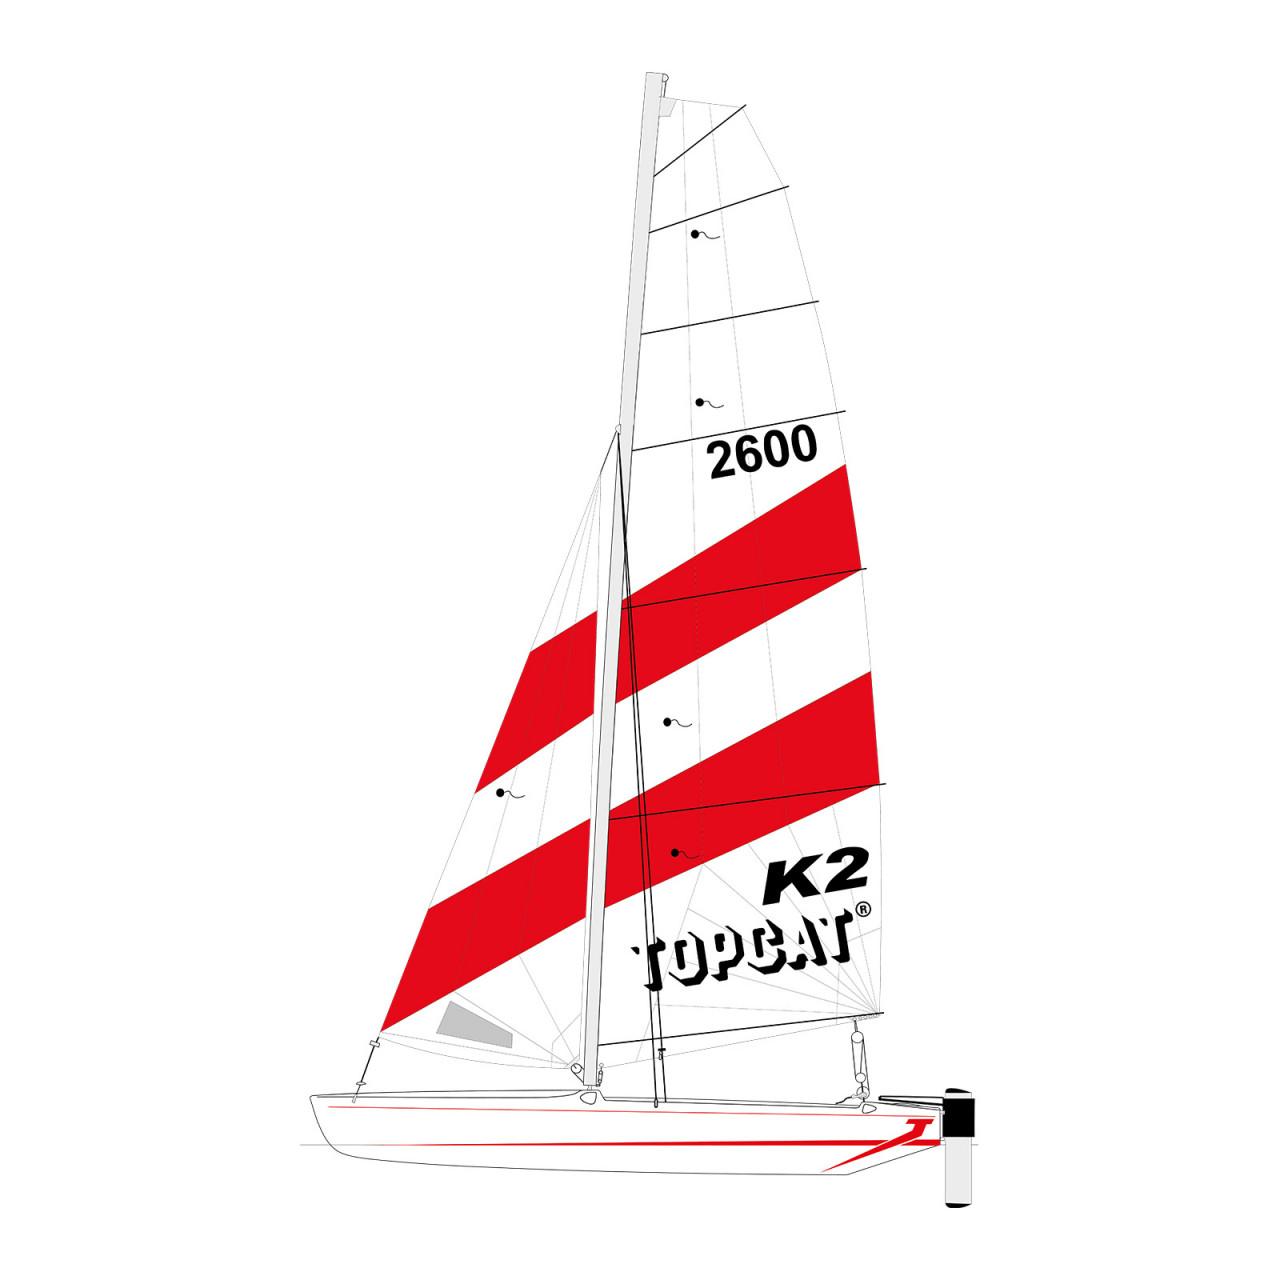 K2 - Classic